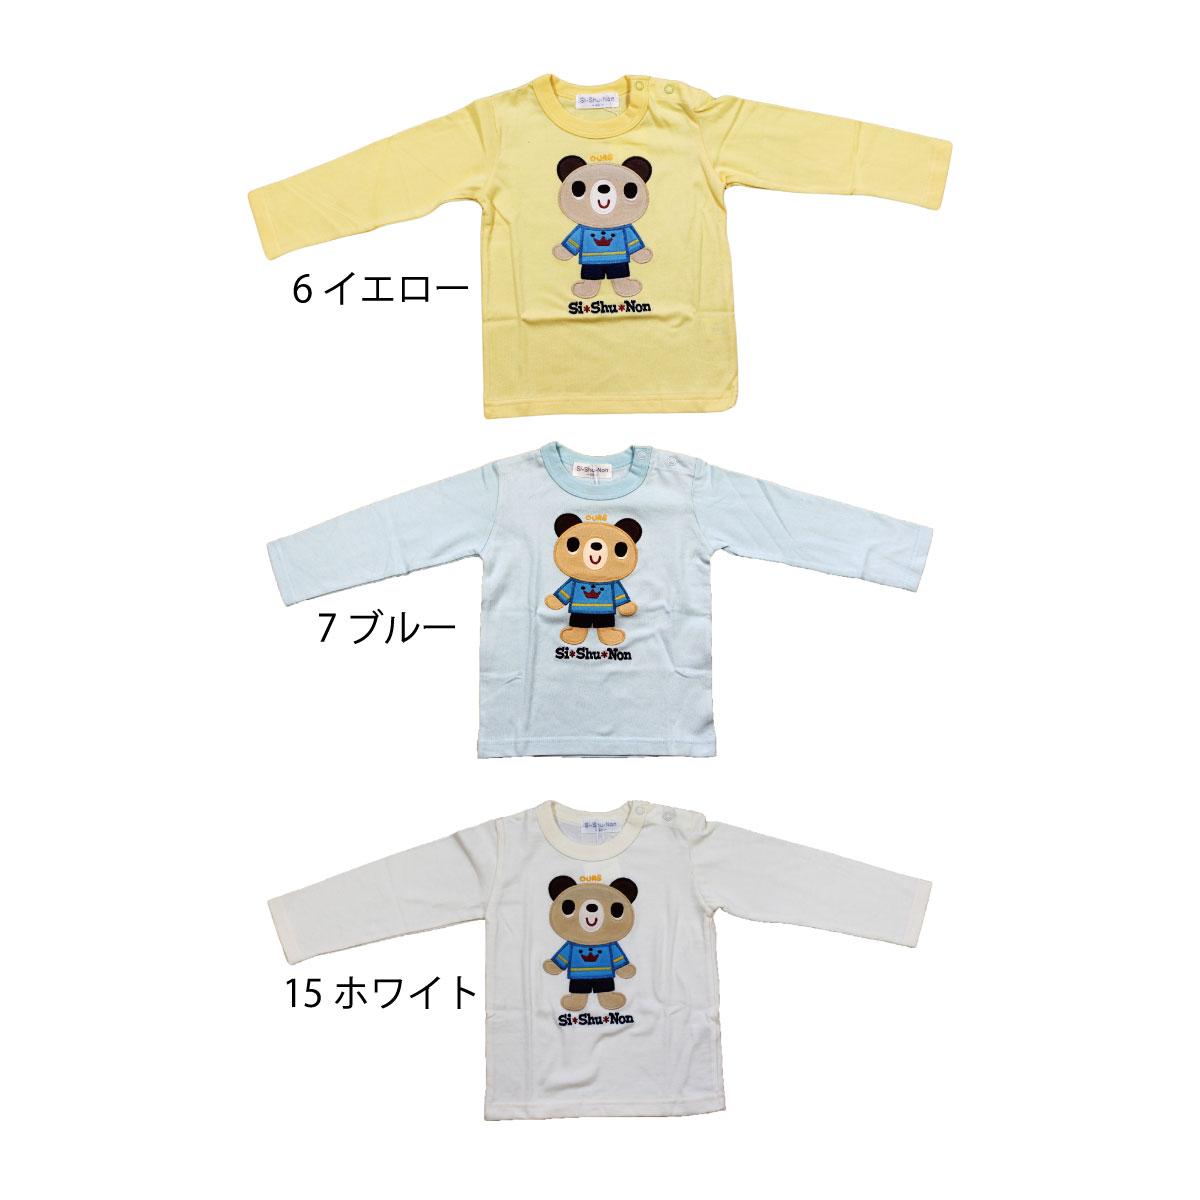 【均一セール】【ネコポス対応】【SiShuNon/シシュノン】定番クマロンTシャツ 男の子 長袖 クマ 刺繍 キッズ 日本製